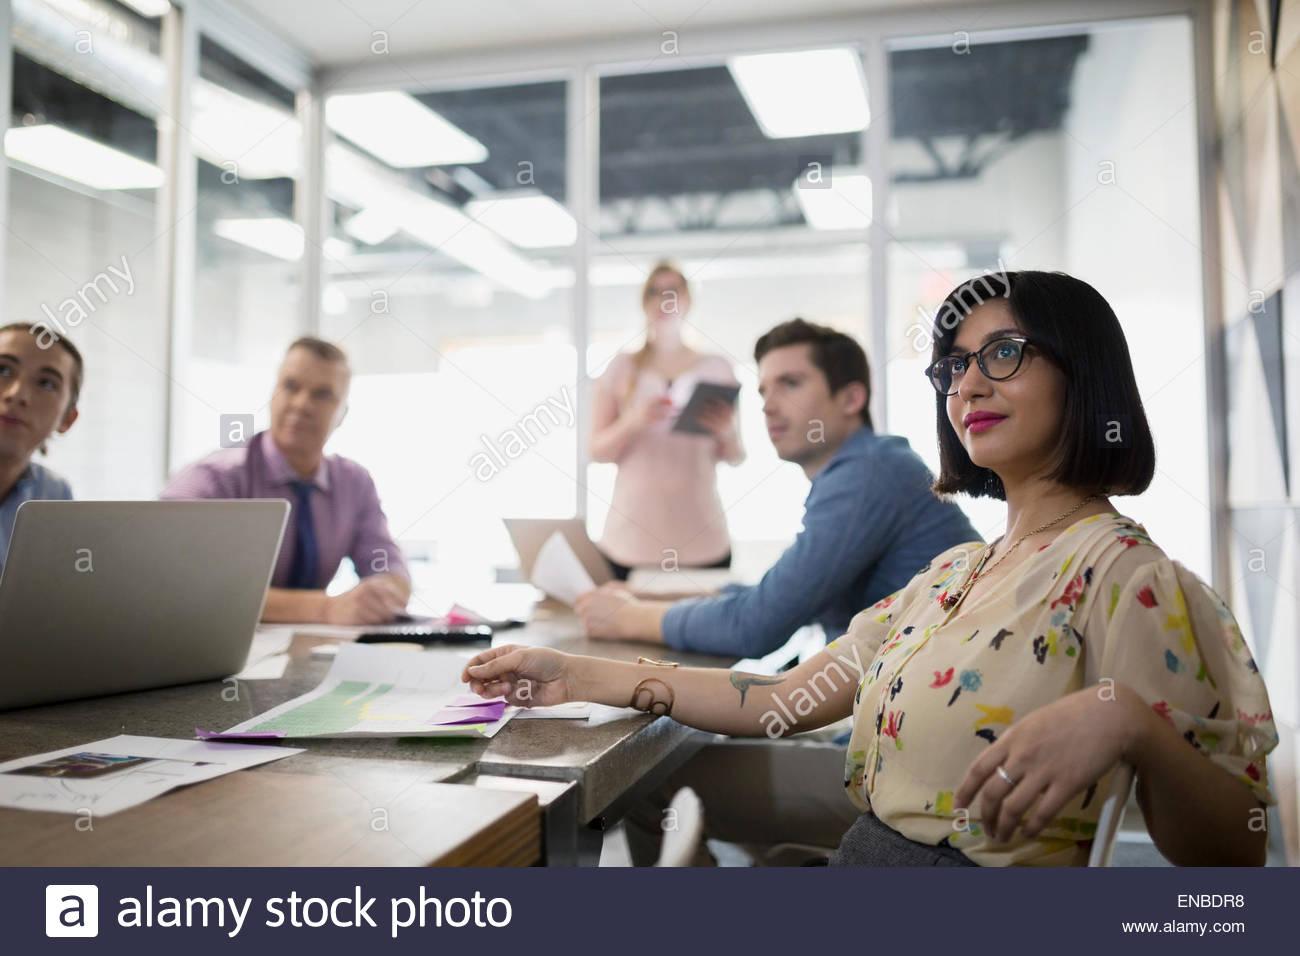 Lächelnde Geschäftsfrau im Tagungsraum Konferenz Stockfoto